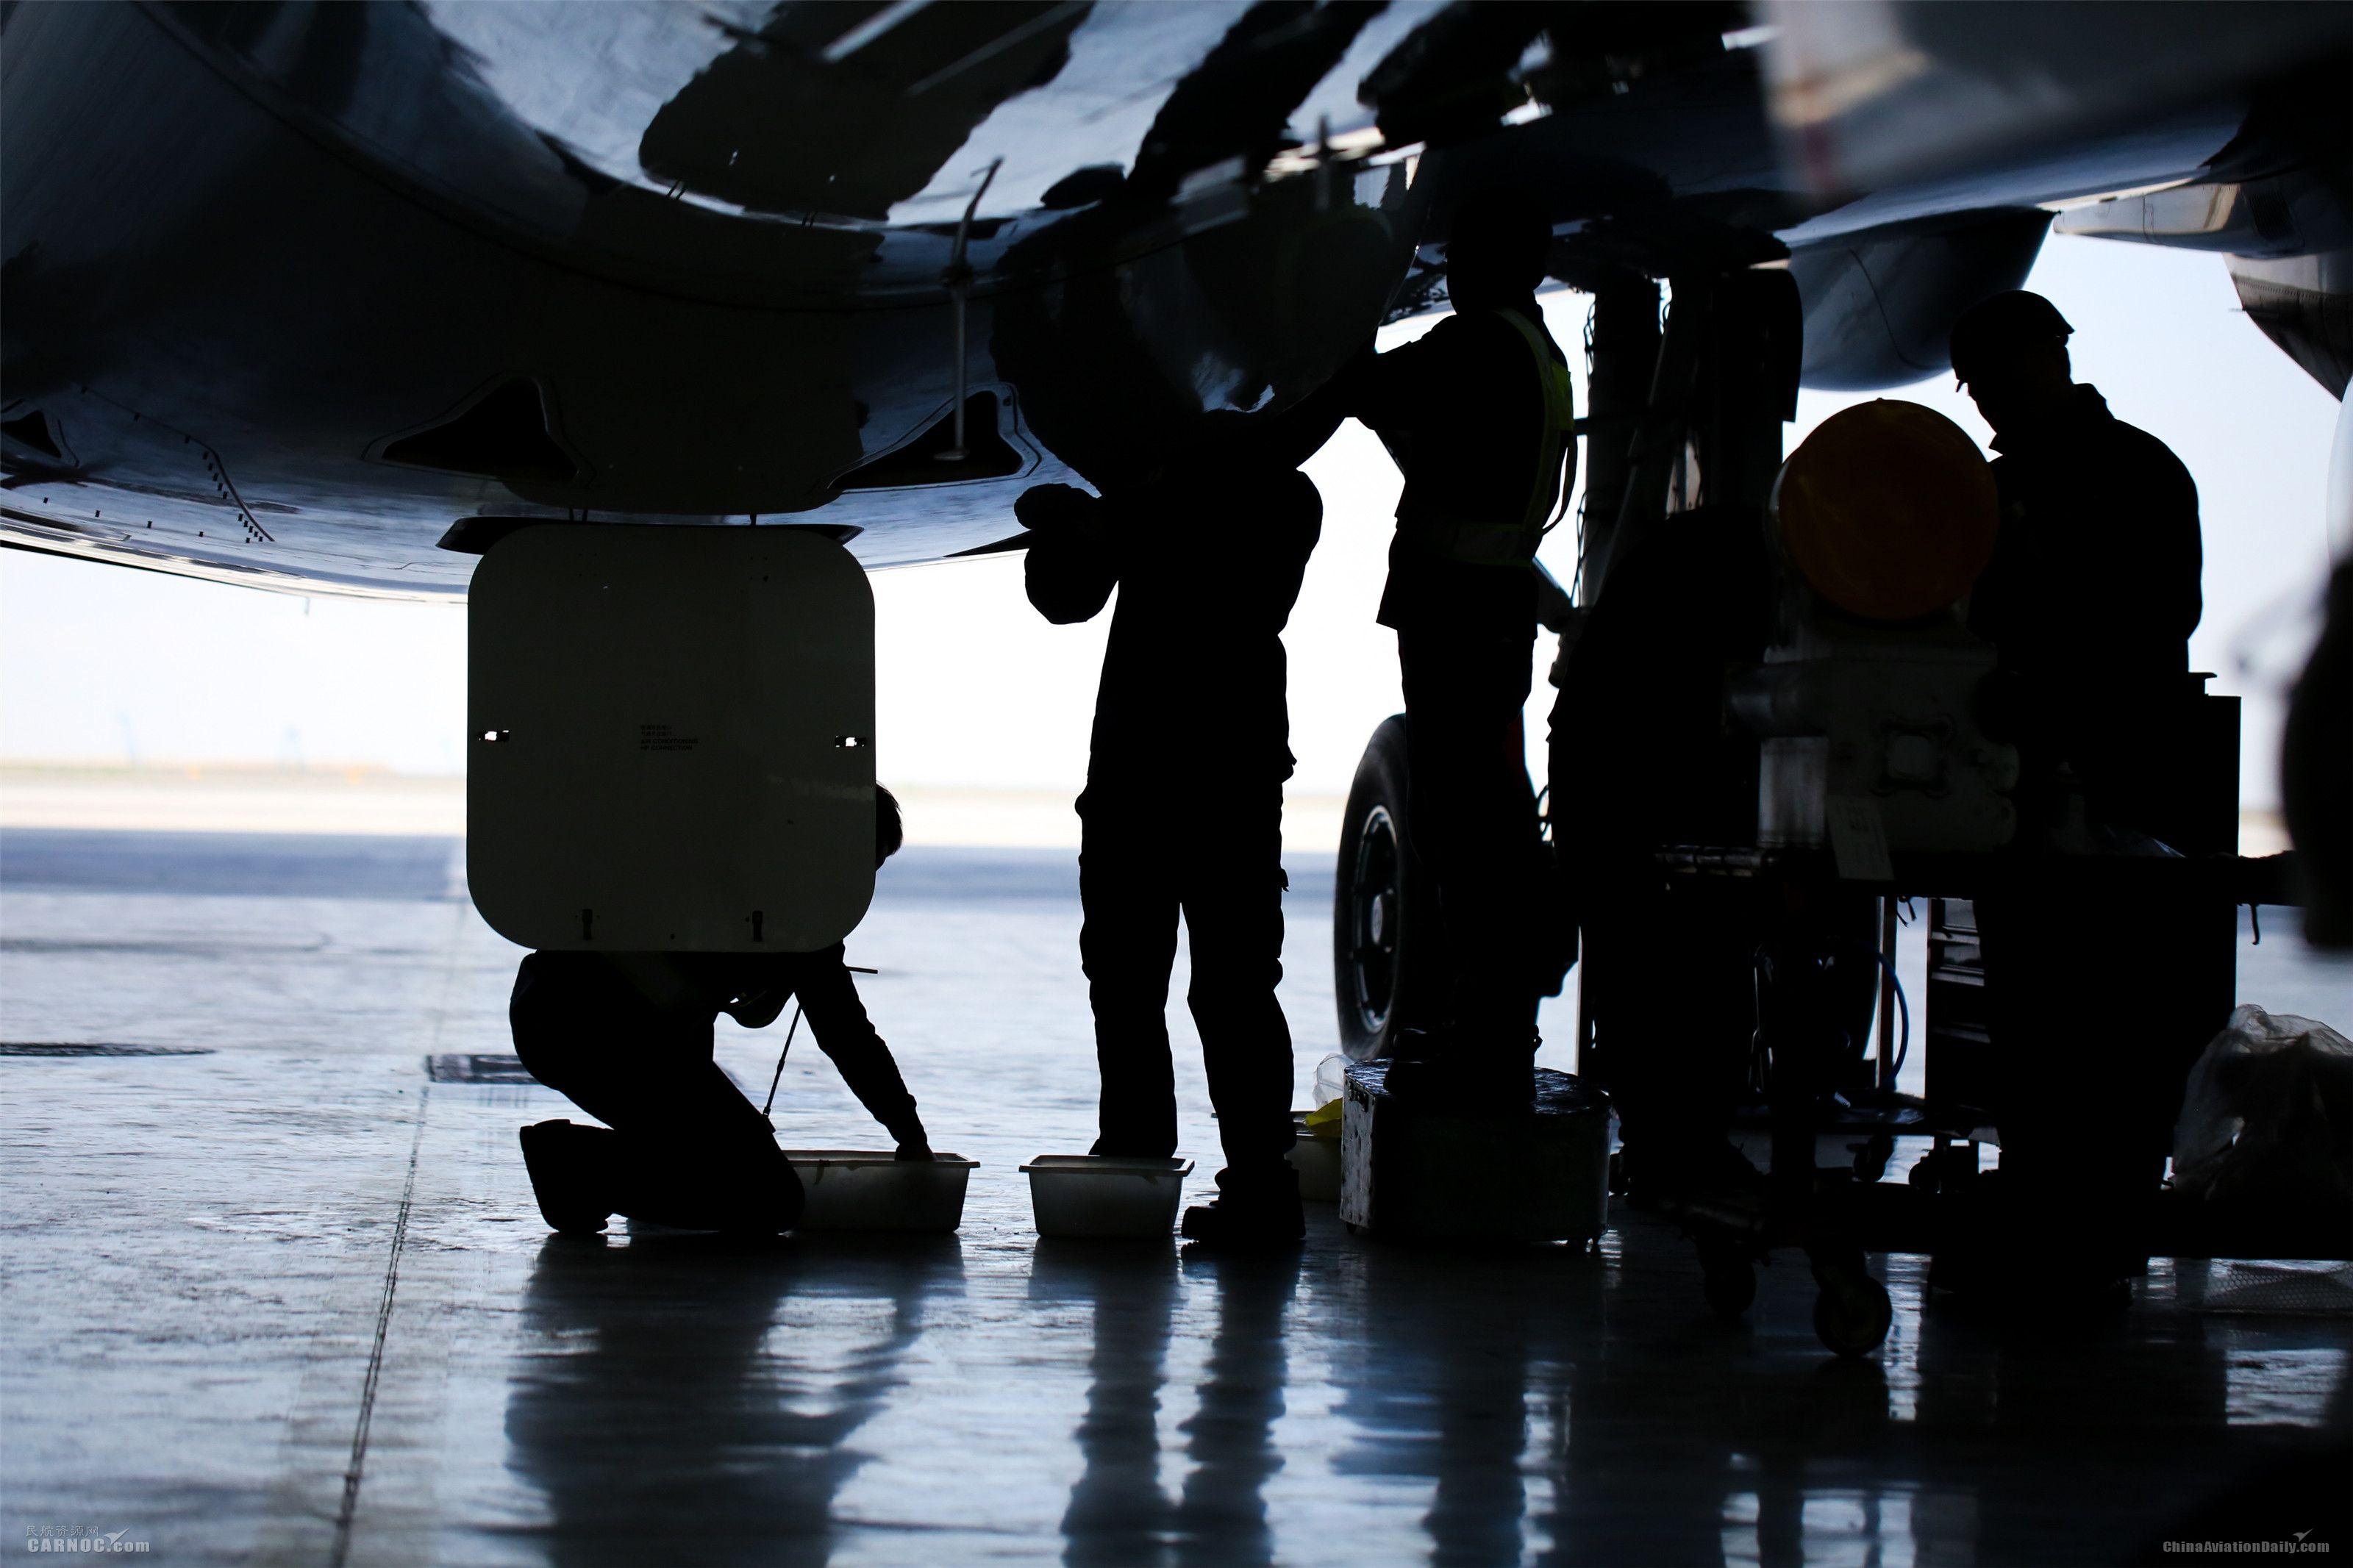 飞机发动机洗澡。南航新疆飞机维修基地供图, 摄影:罗伟